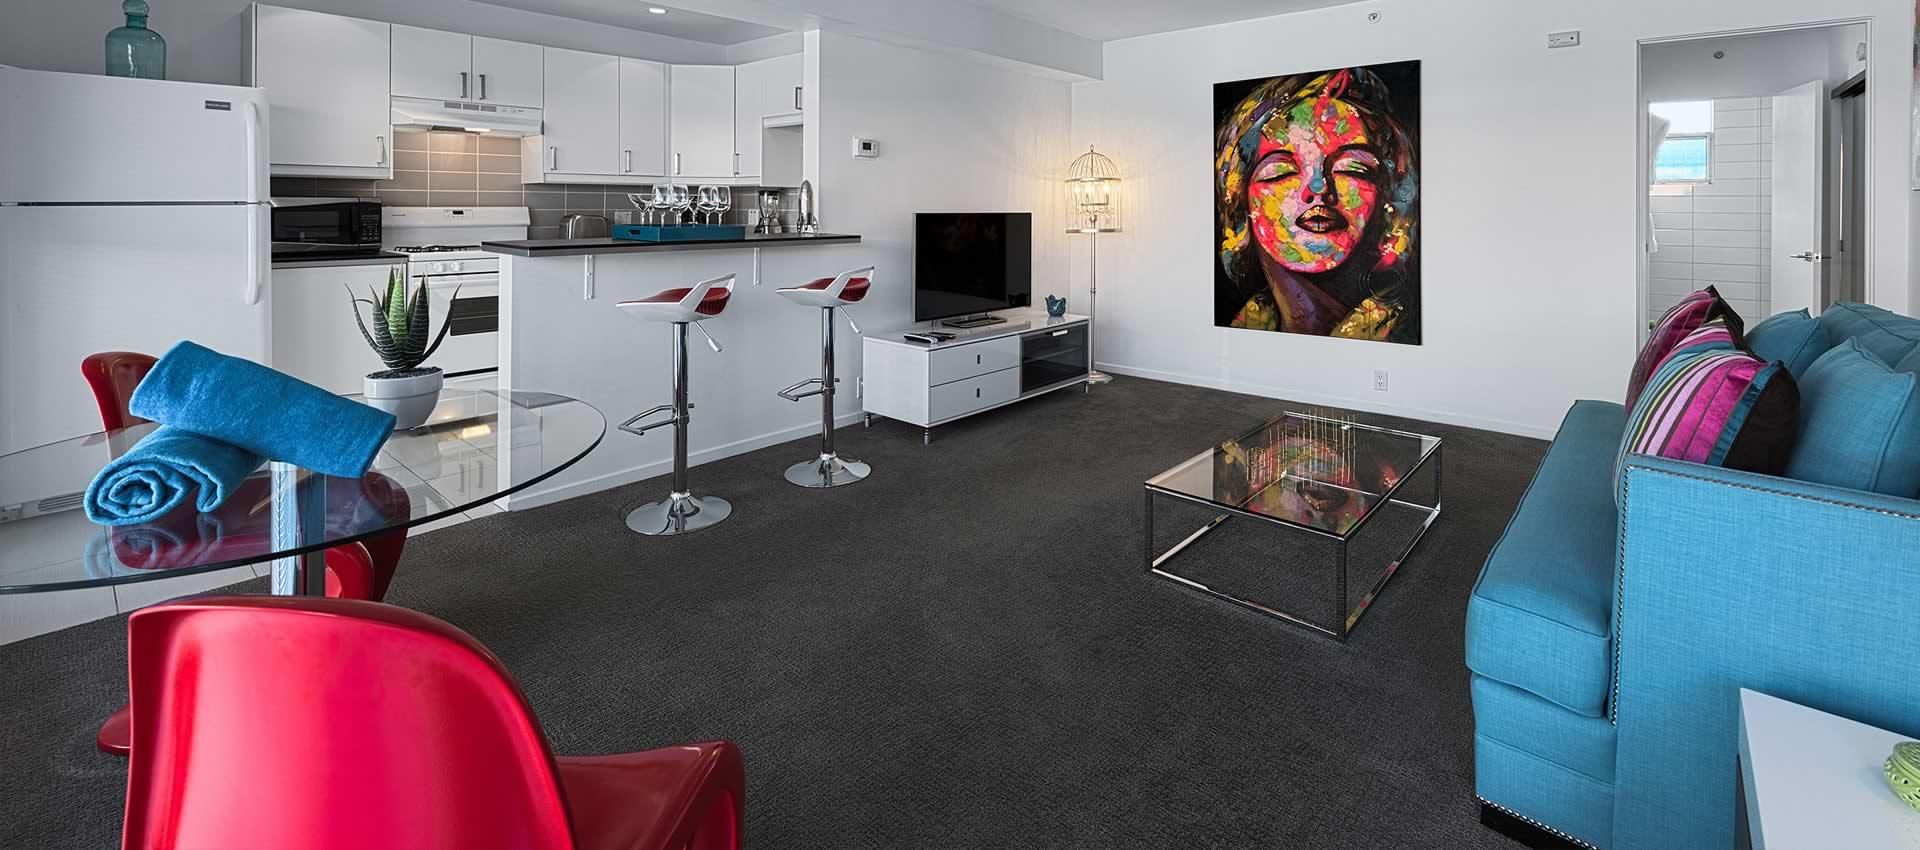 twist hotel living room modern couch kitchen